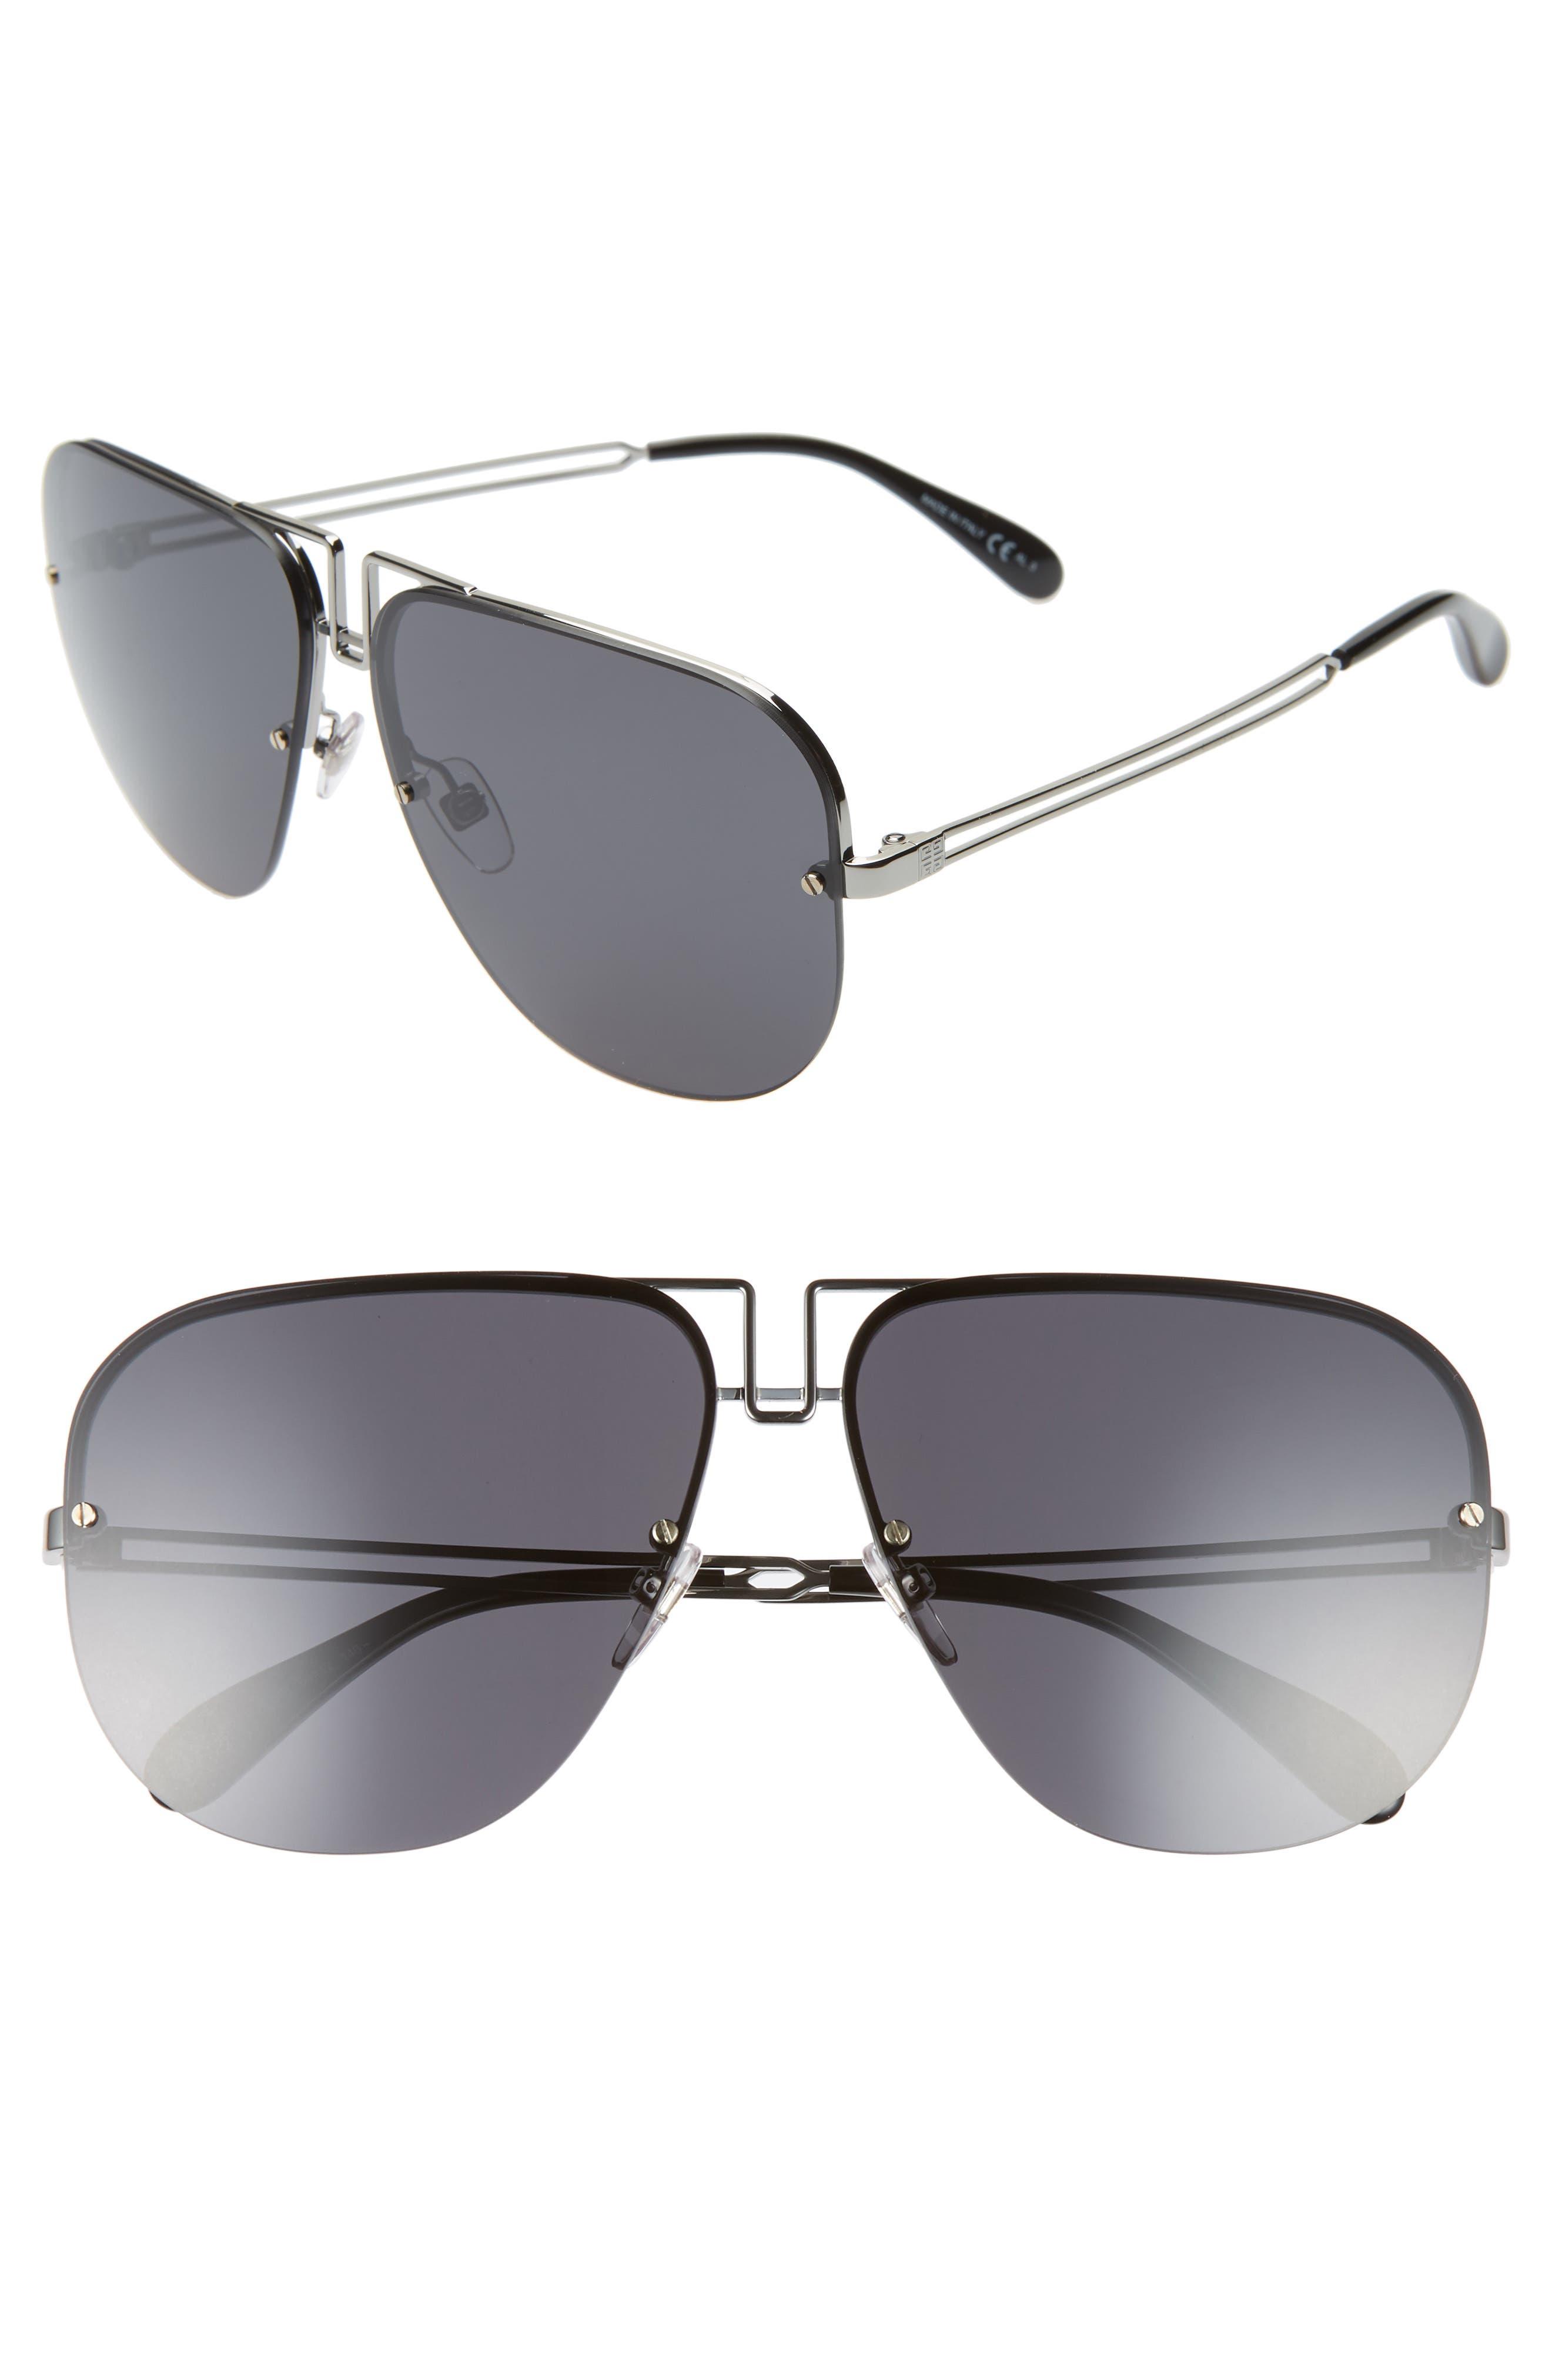 Givenchy Oversize Aviator Sunglasses - Ruthenium/ Black